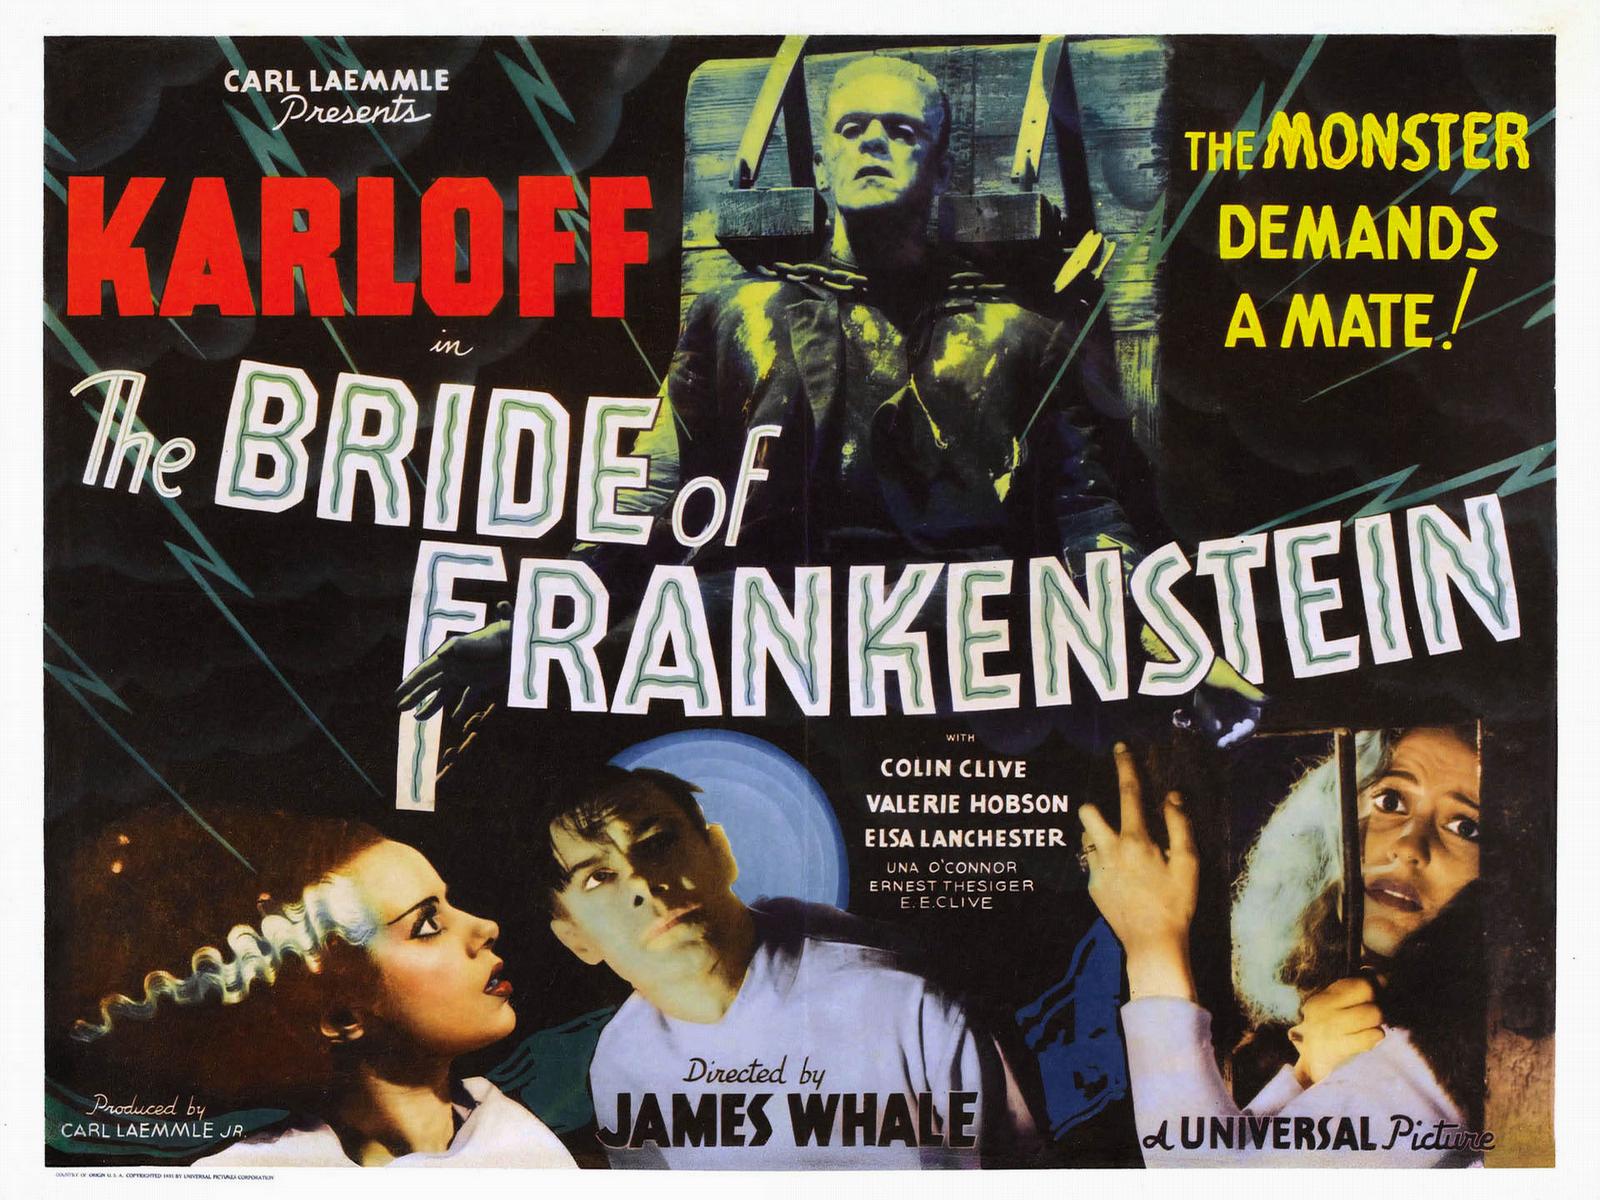 1600x1200 The Bride of Frankenstein desktop PC and Mac wallpaper 1600x1200